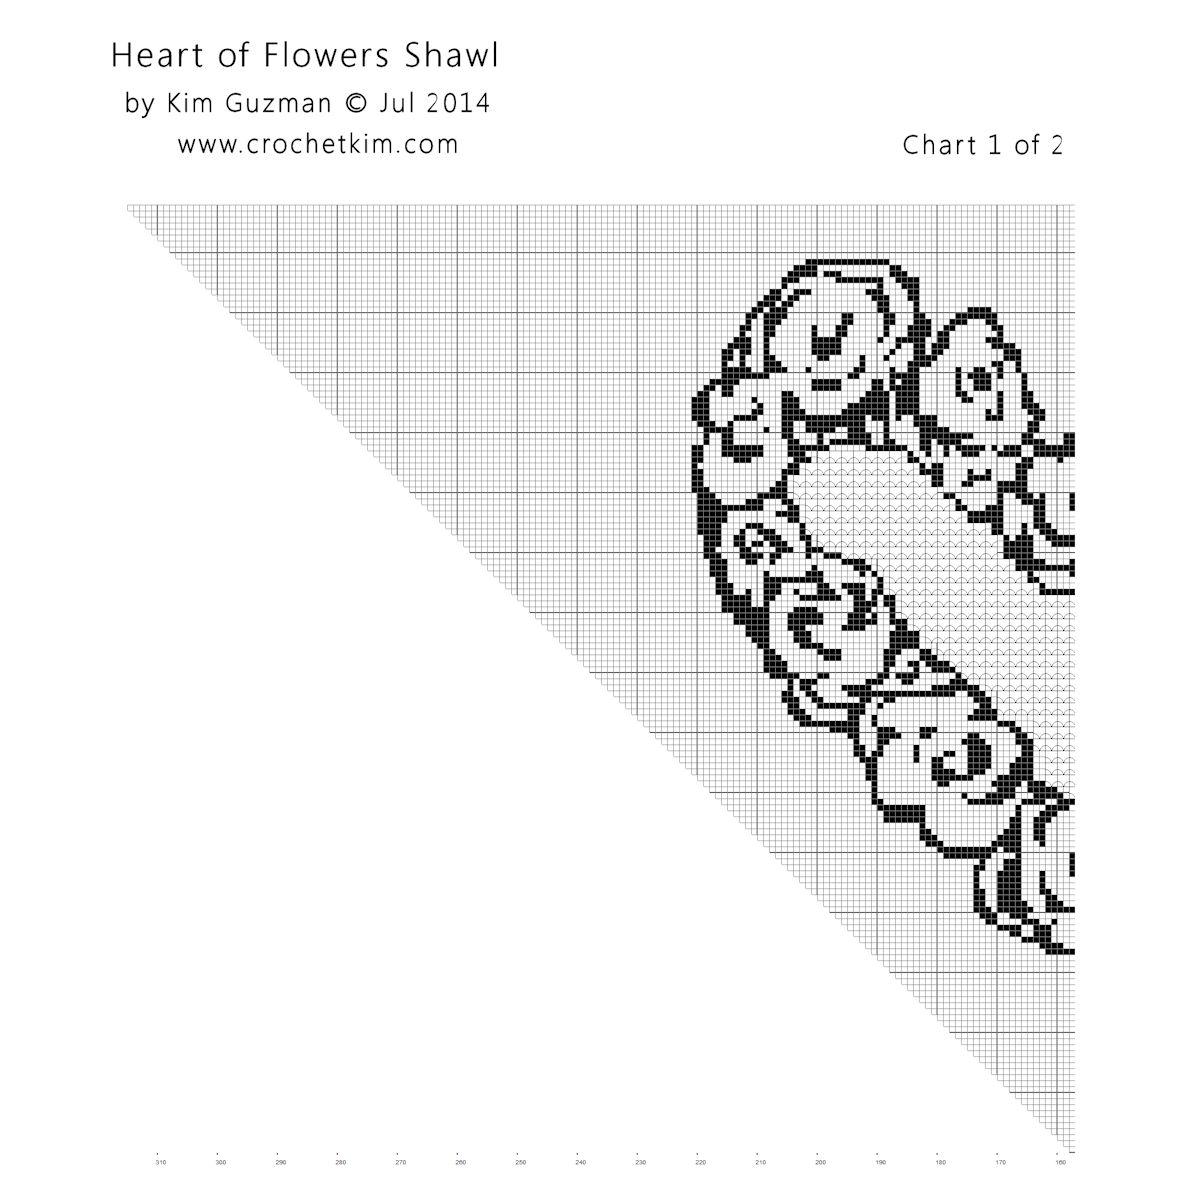 Heart of Flowers Filet Shawl Filet Crochet Chart | free crochet pattern @crochetkim